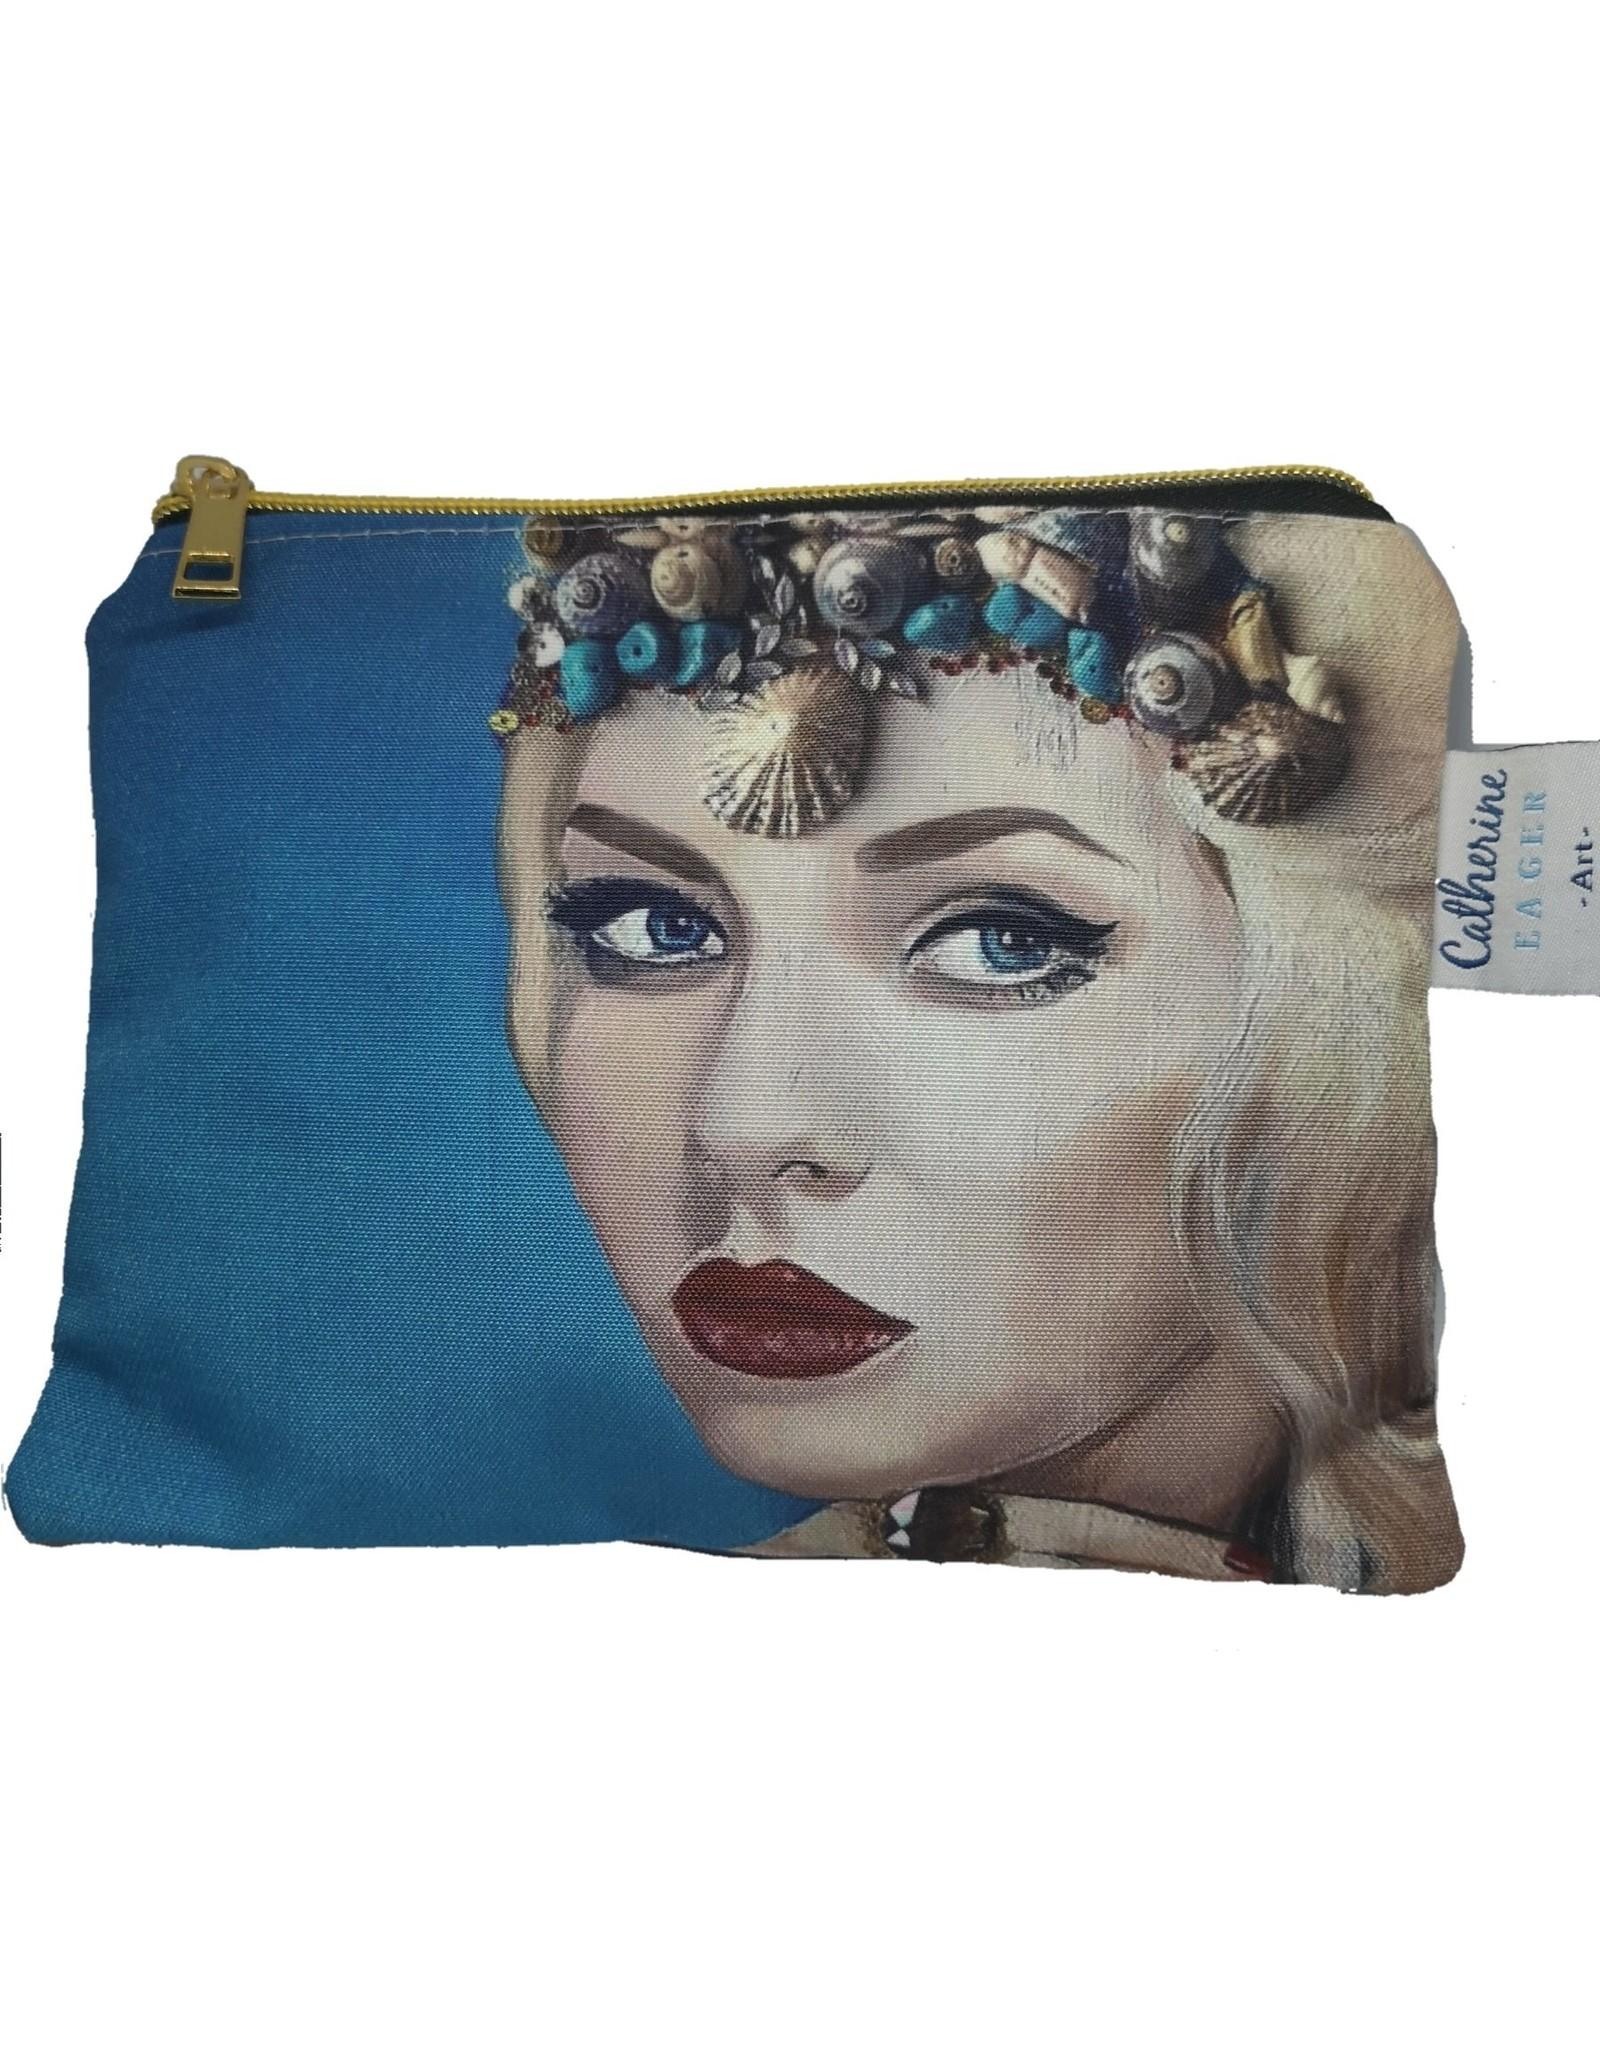 Catherine Eager Art The Goddess Bag - Mermaid